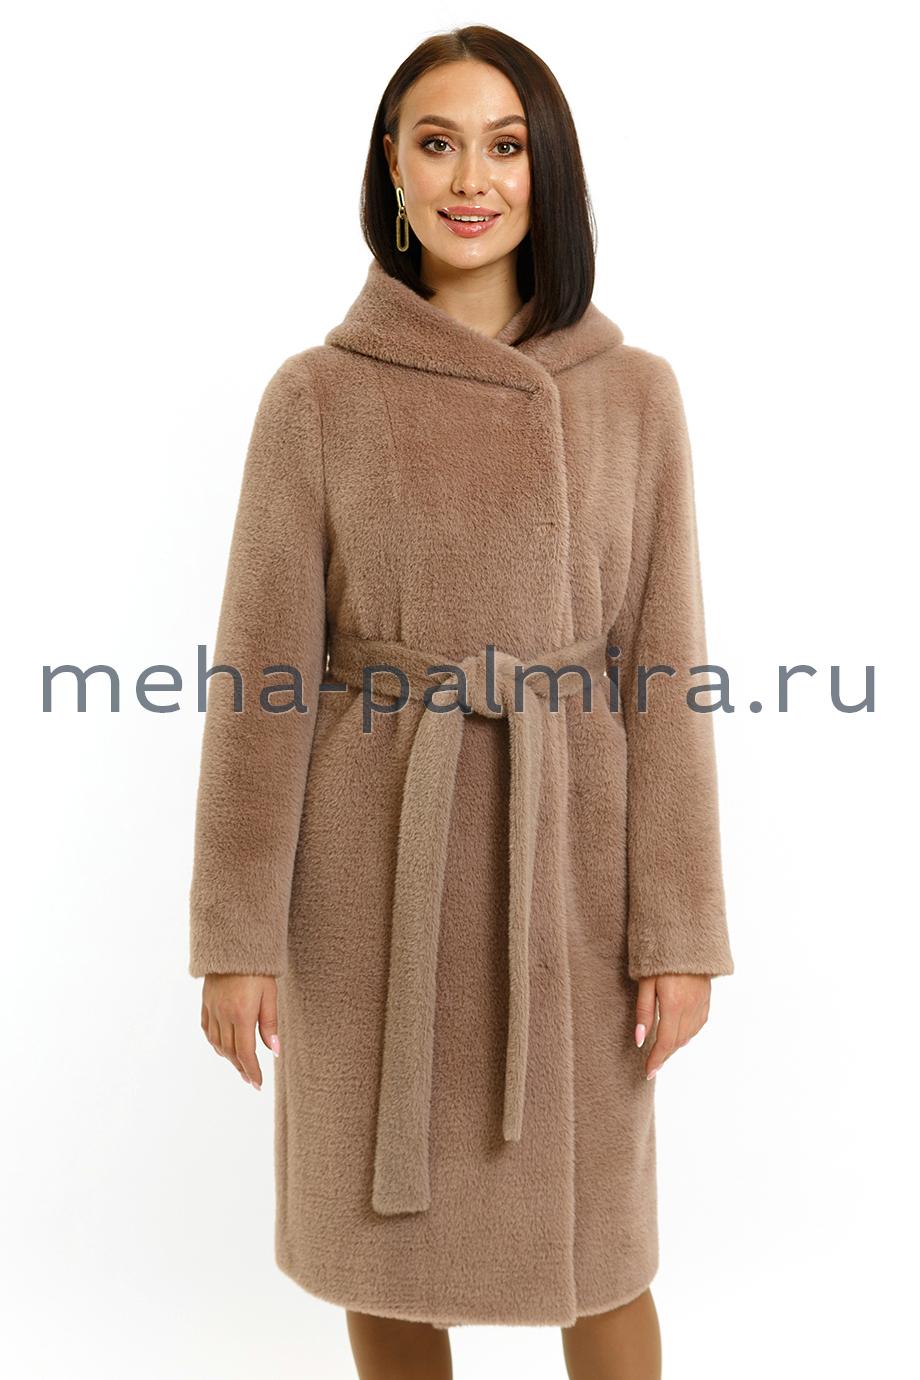 Женское пальто с капюшоном и поясом из шерсти цвет какао